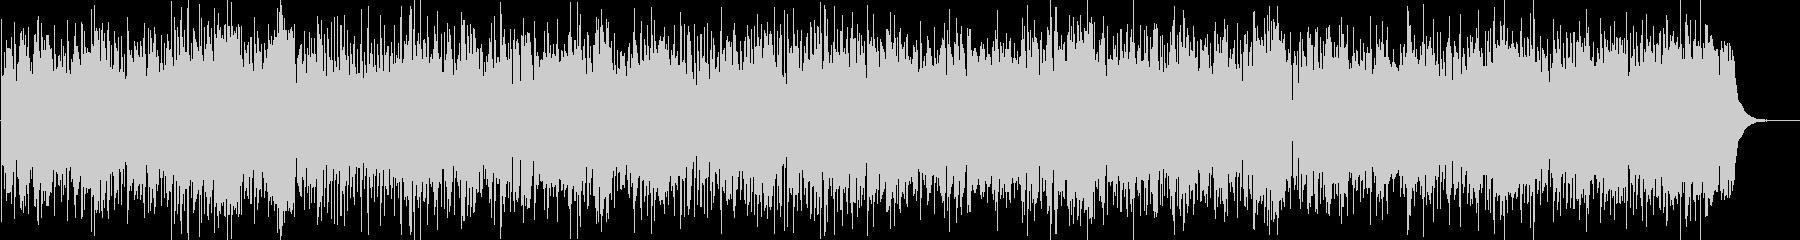 ほのぼのとしたカントリーBGMの未再生の波形